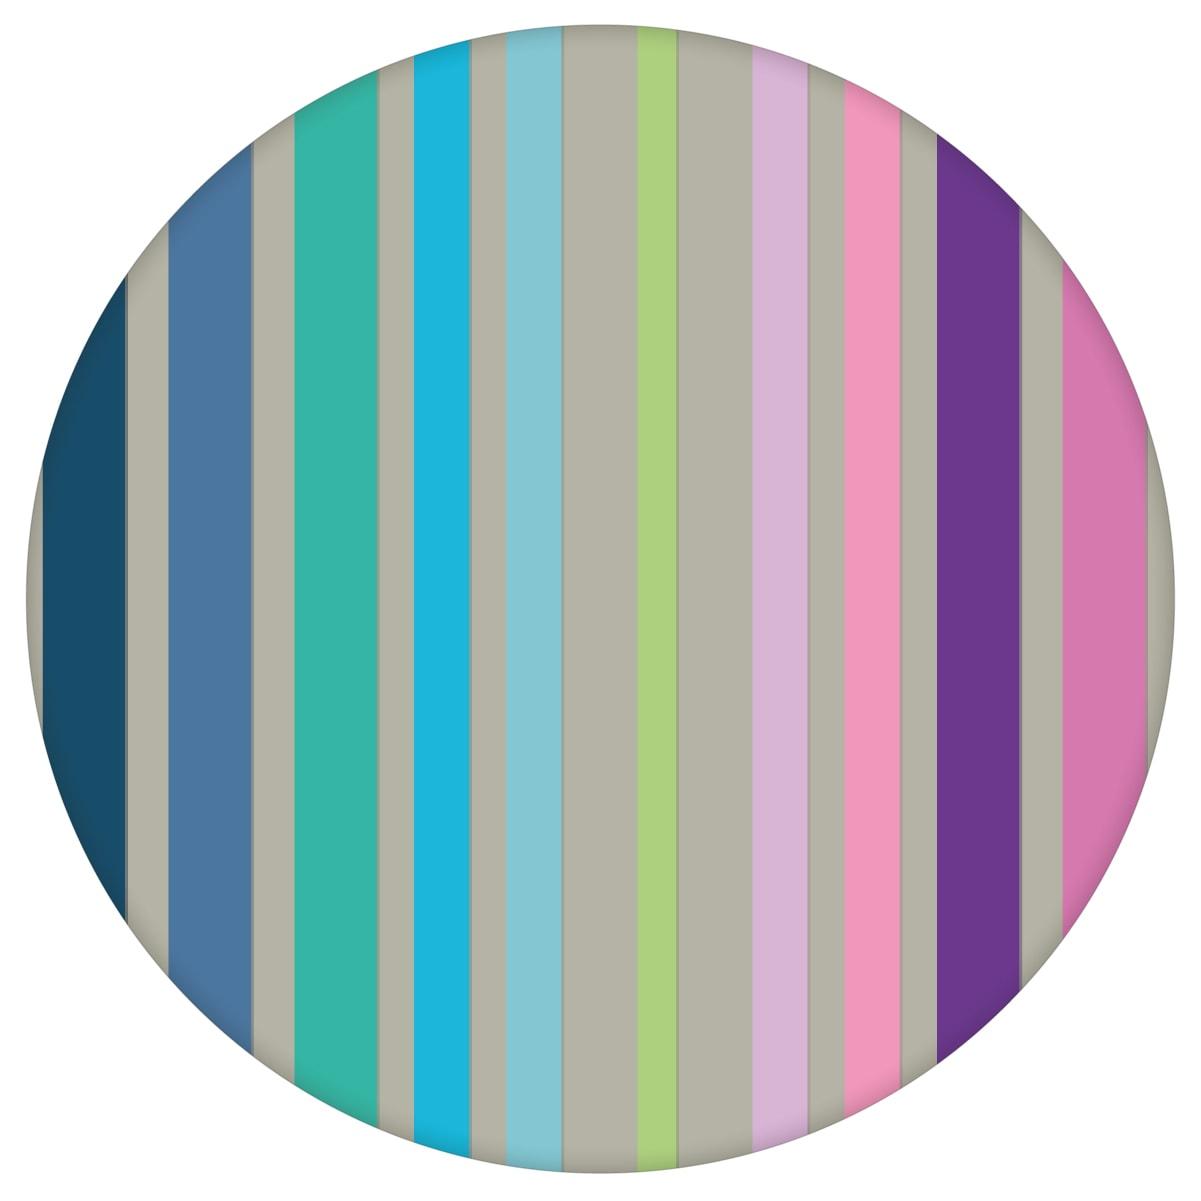 """Design Classic Tapete """"dekorativer Streifen"""" in edlen Farben, Regenbogene Vlies-Tapete Streifentapete für Wohnzimmeraus dem GMM-BERLIN.com Sortiment: lila Tapete zur Raumgestaltung: #00179 #Design #modern #Regenbogen #streifen #Streifentapete #Trend #Wohnzimmer für individuelles Interiordesign"""